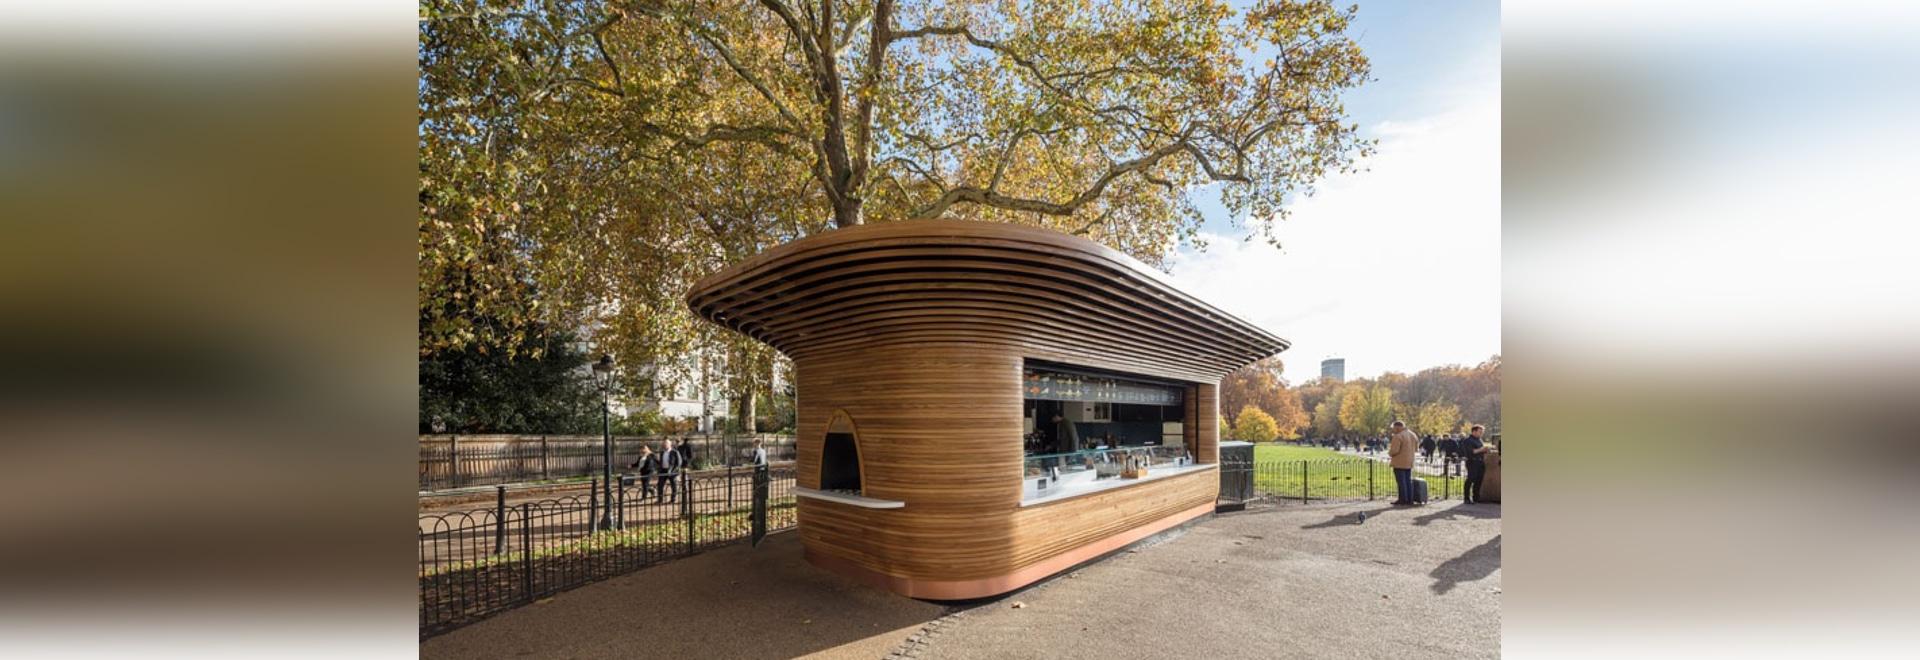 Un nouveau kiosque sculptural de parc s'est ouvert à Londres